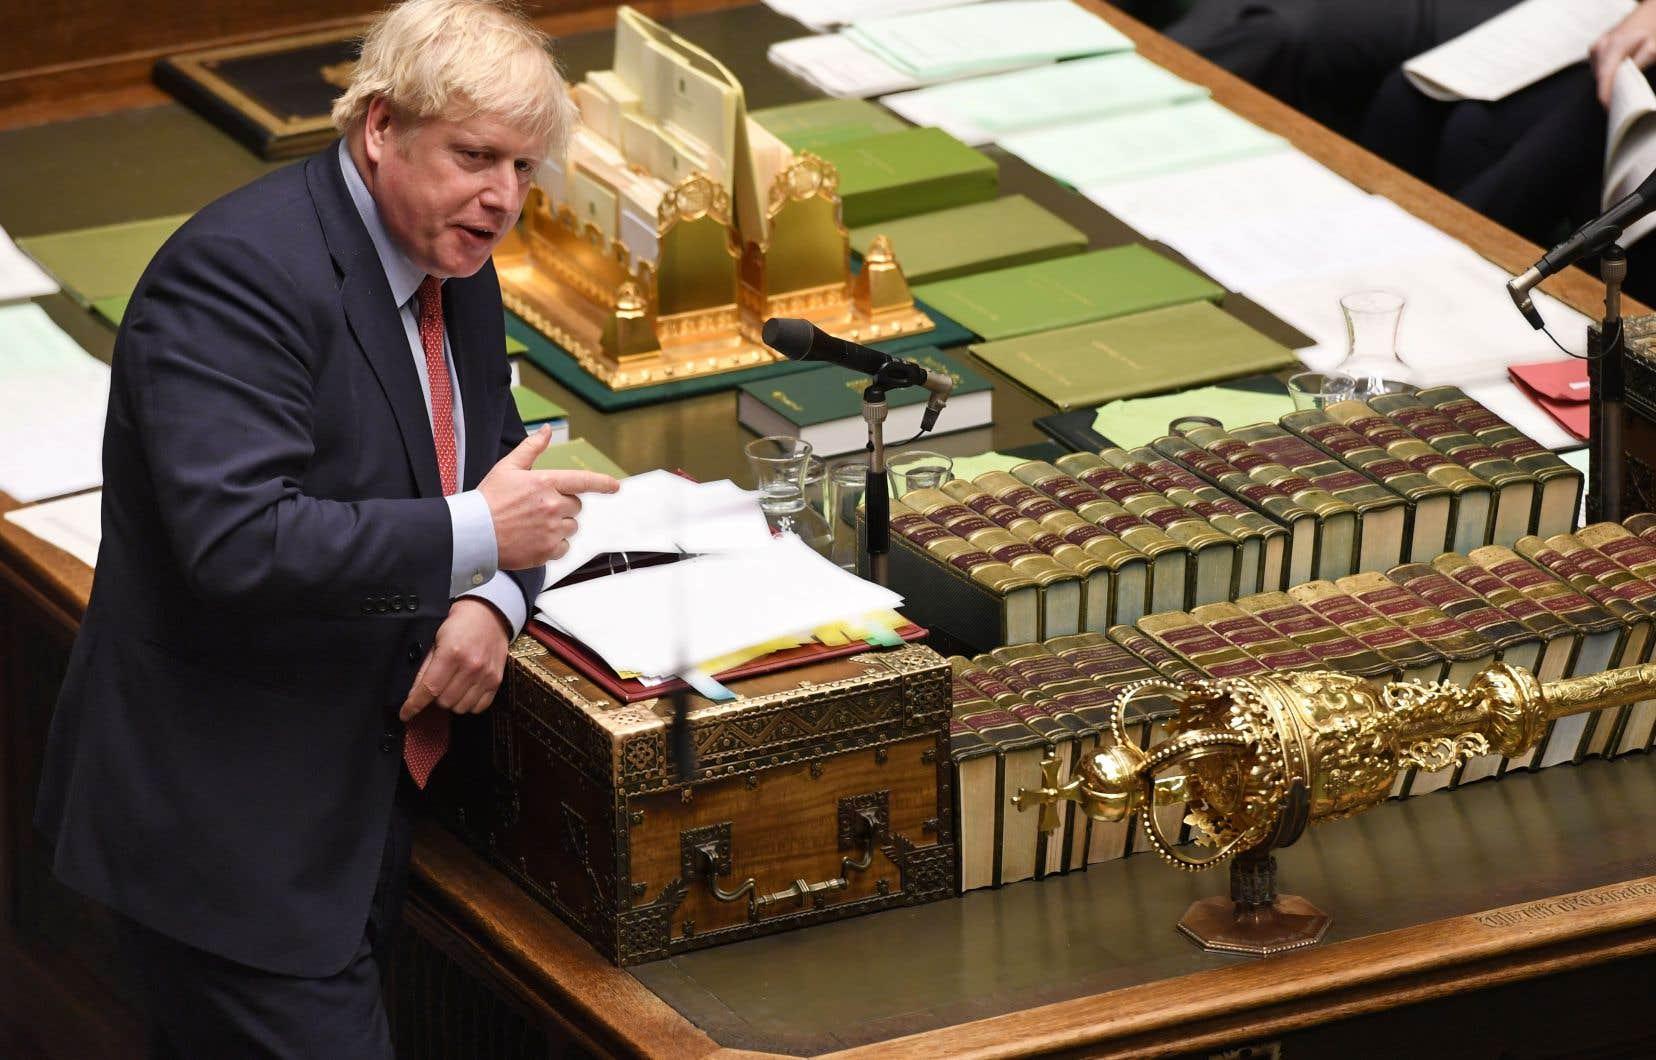 Cette adoption définitive de l'accord de divorce marque une grande victoire pour Boris Johnson.